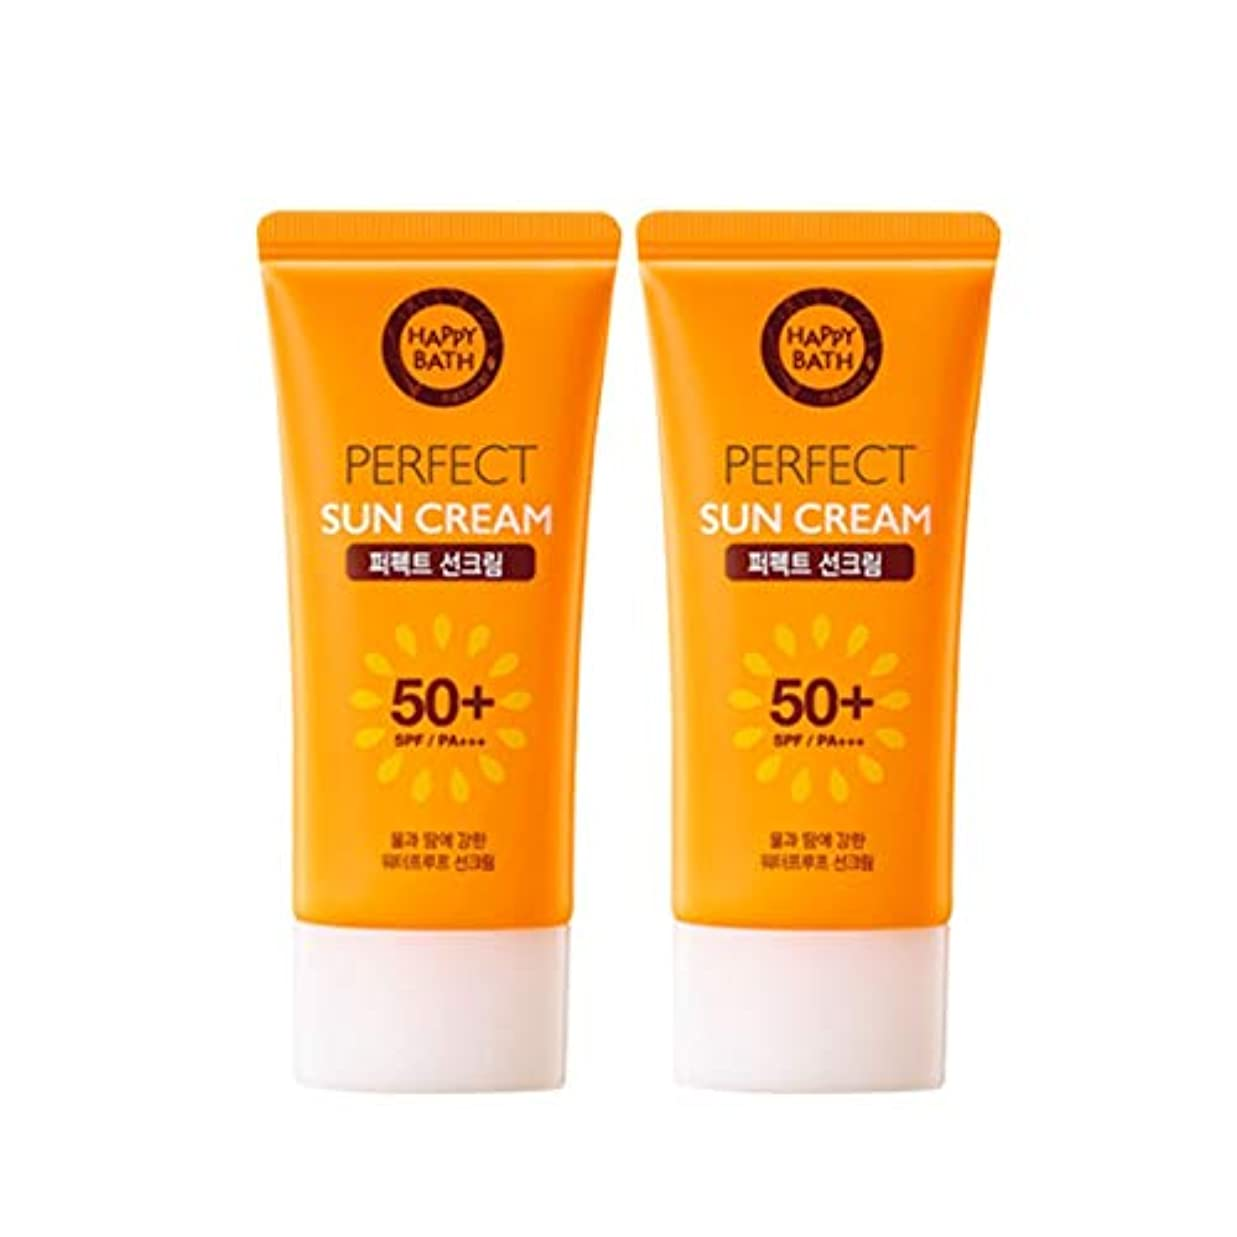 のみ餌インシュレータハッピーバスパーフェクトサンクリーム 80gx2本セット韓国コスメ、Happy Bath Perfect Sun Cream 80g x 2ea Set Korean Cosmetics [並行輸入品]